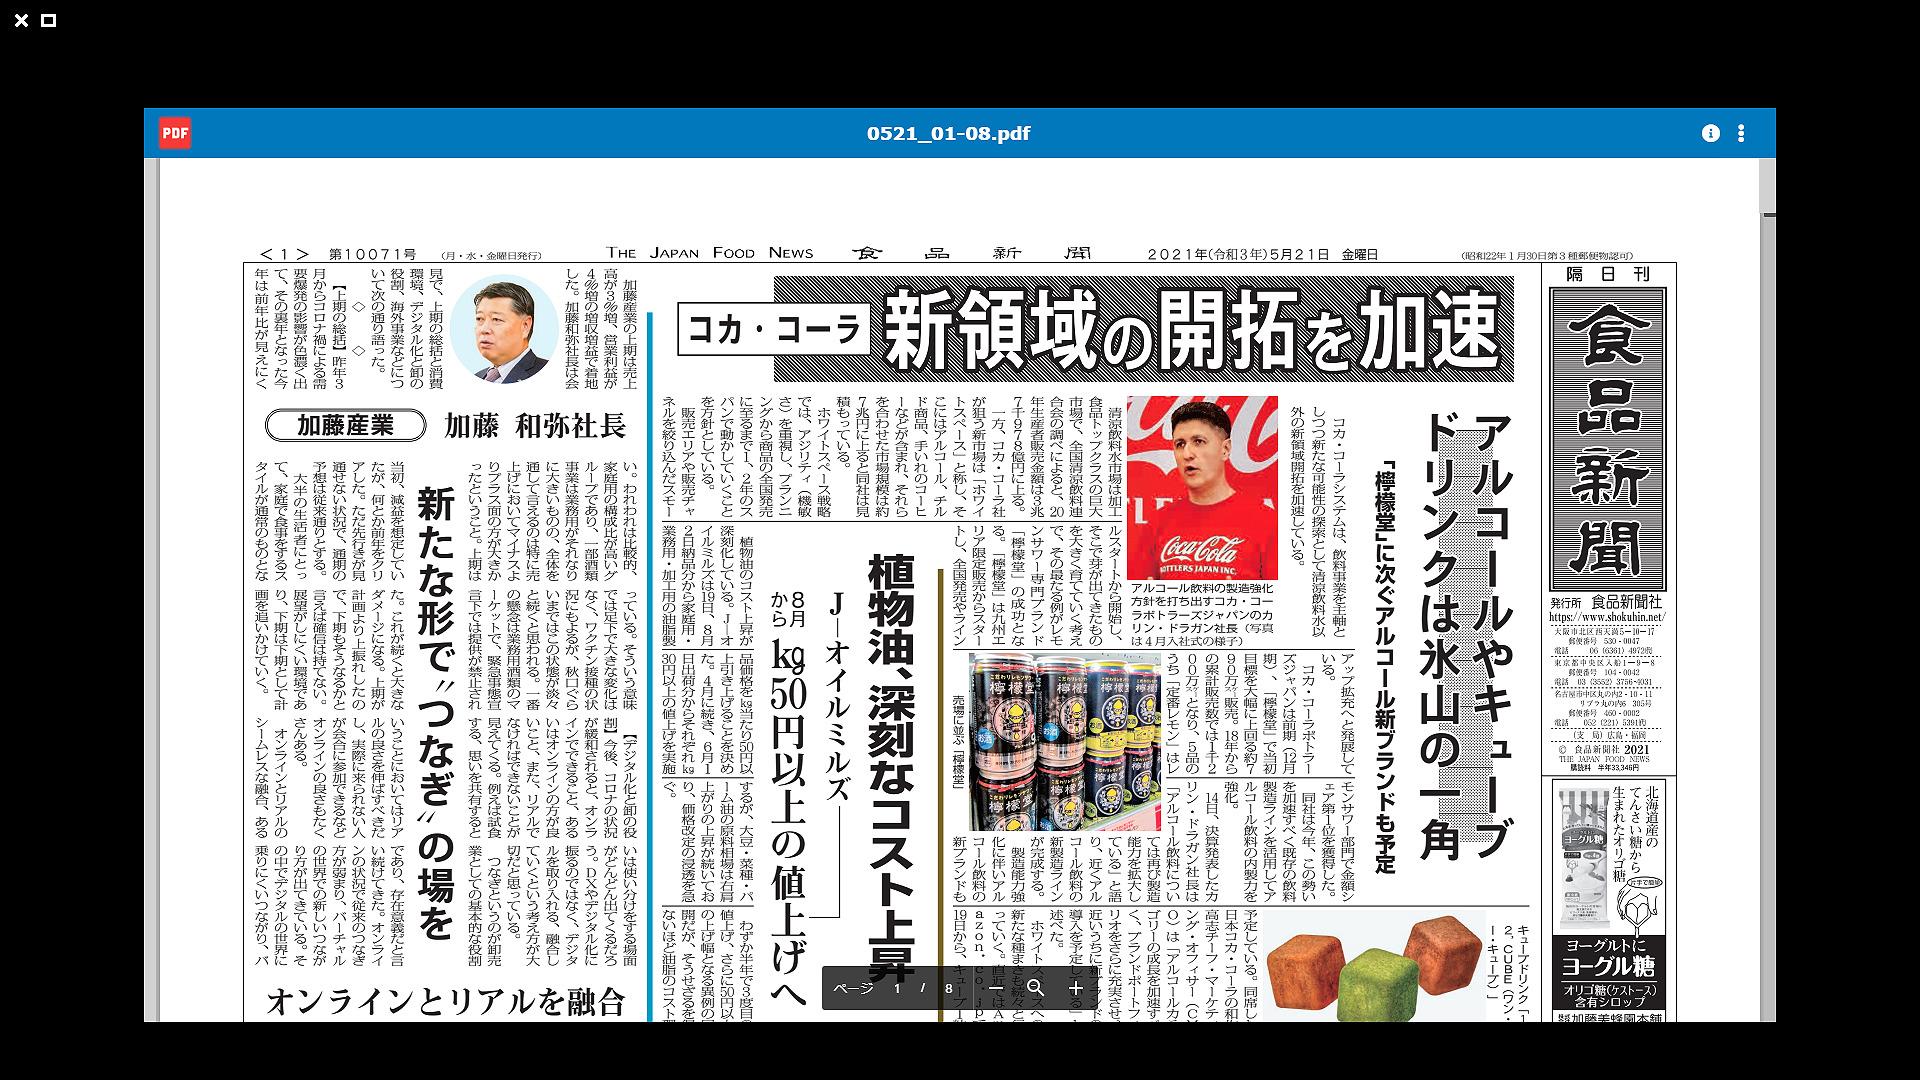 食品新聞電子版